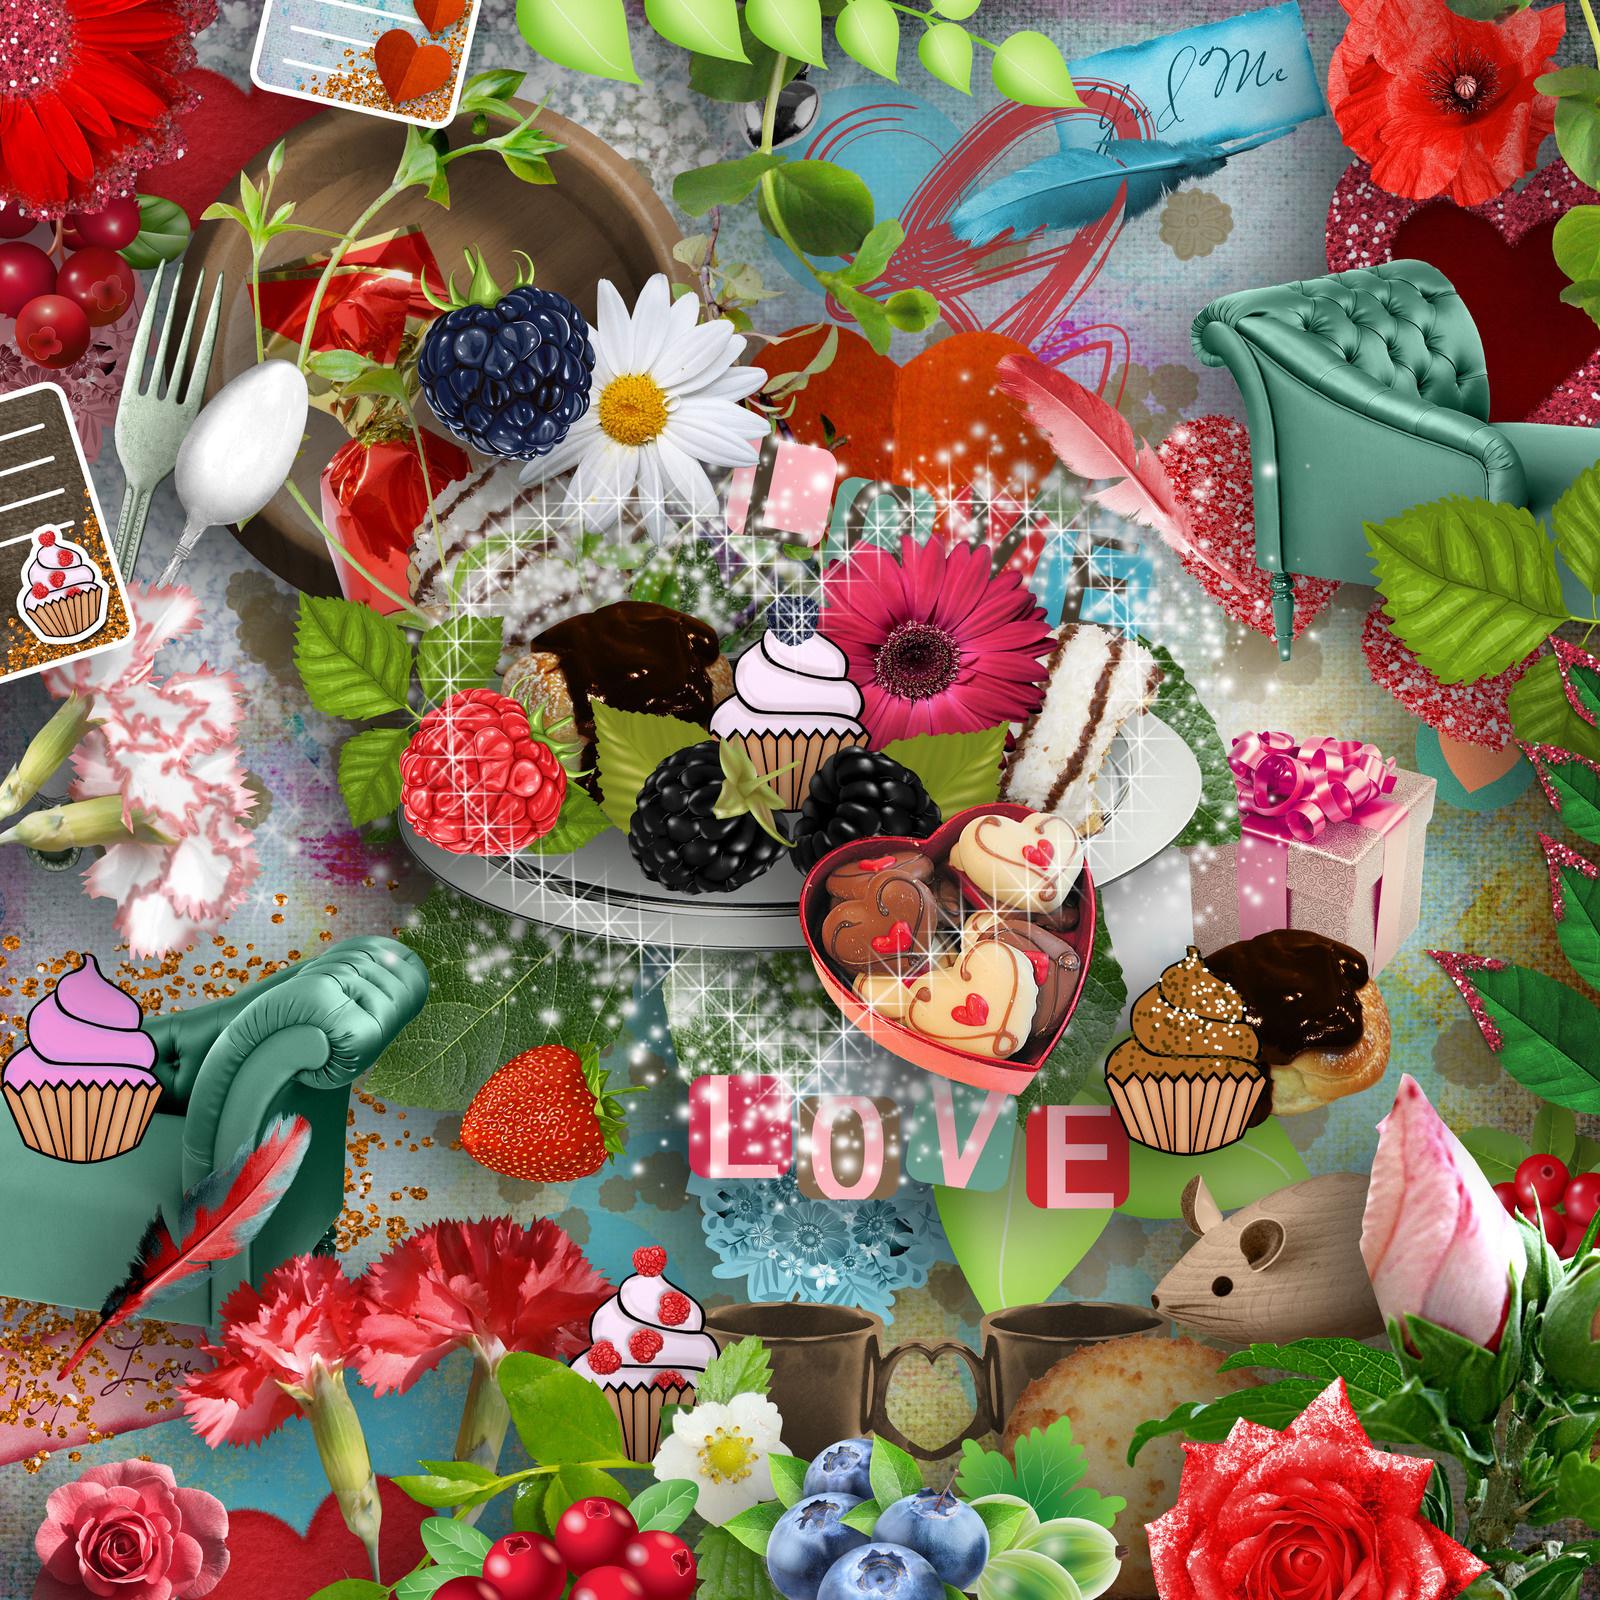 A déguster en Amoureux - KIT by Simplette